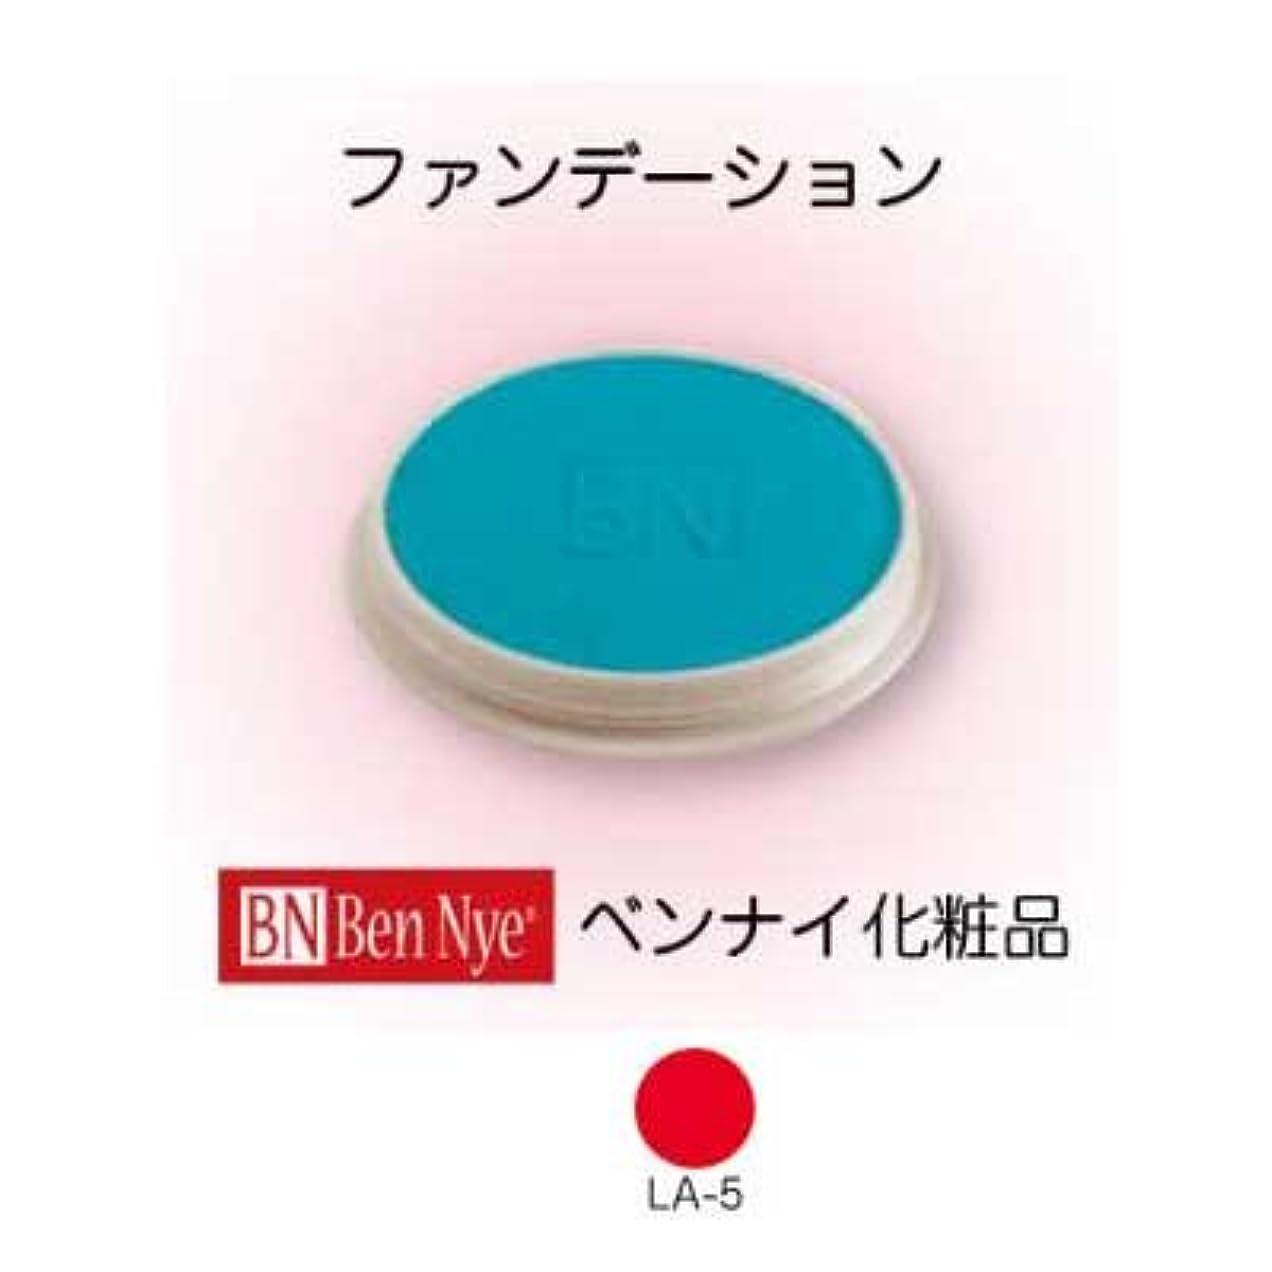 またねピック顕微鏡マジケーキ LA-5【ベンナイ化粧品】